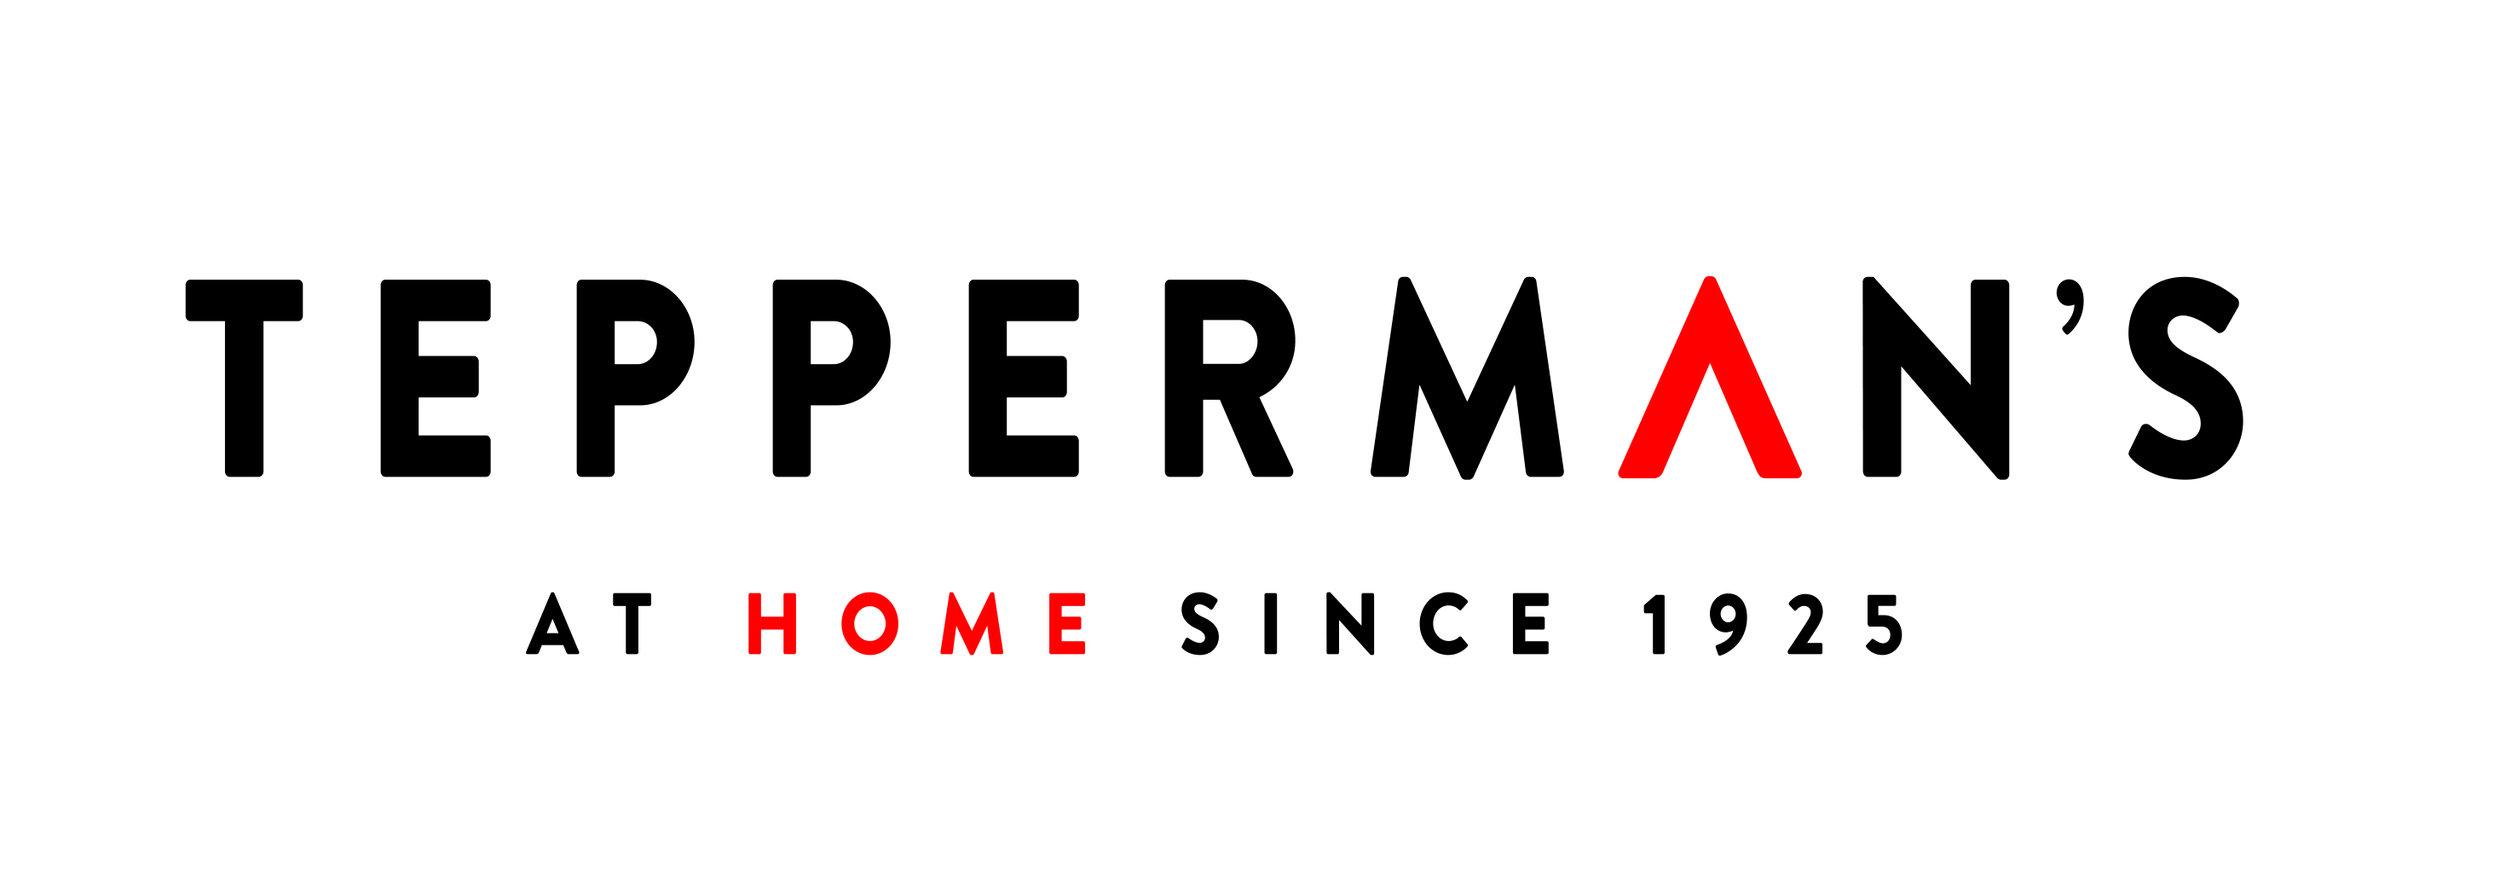 U10 SPONSOR    www.teppermans.com